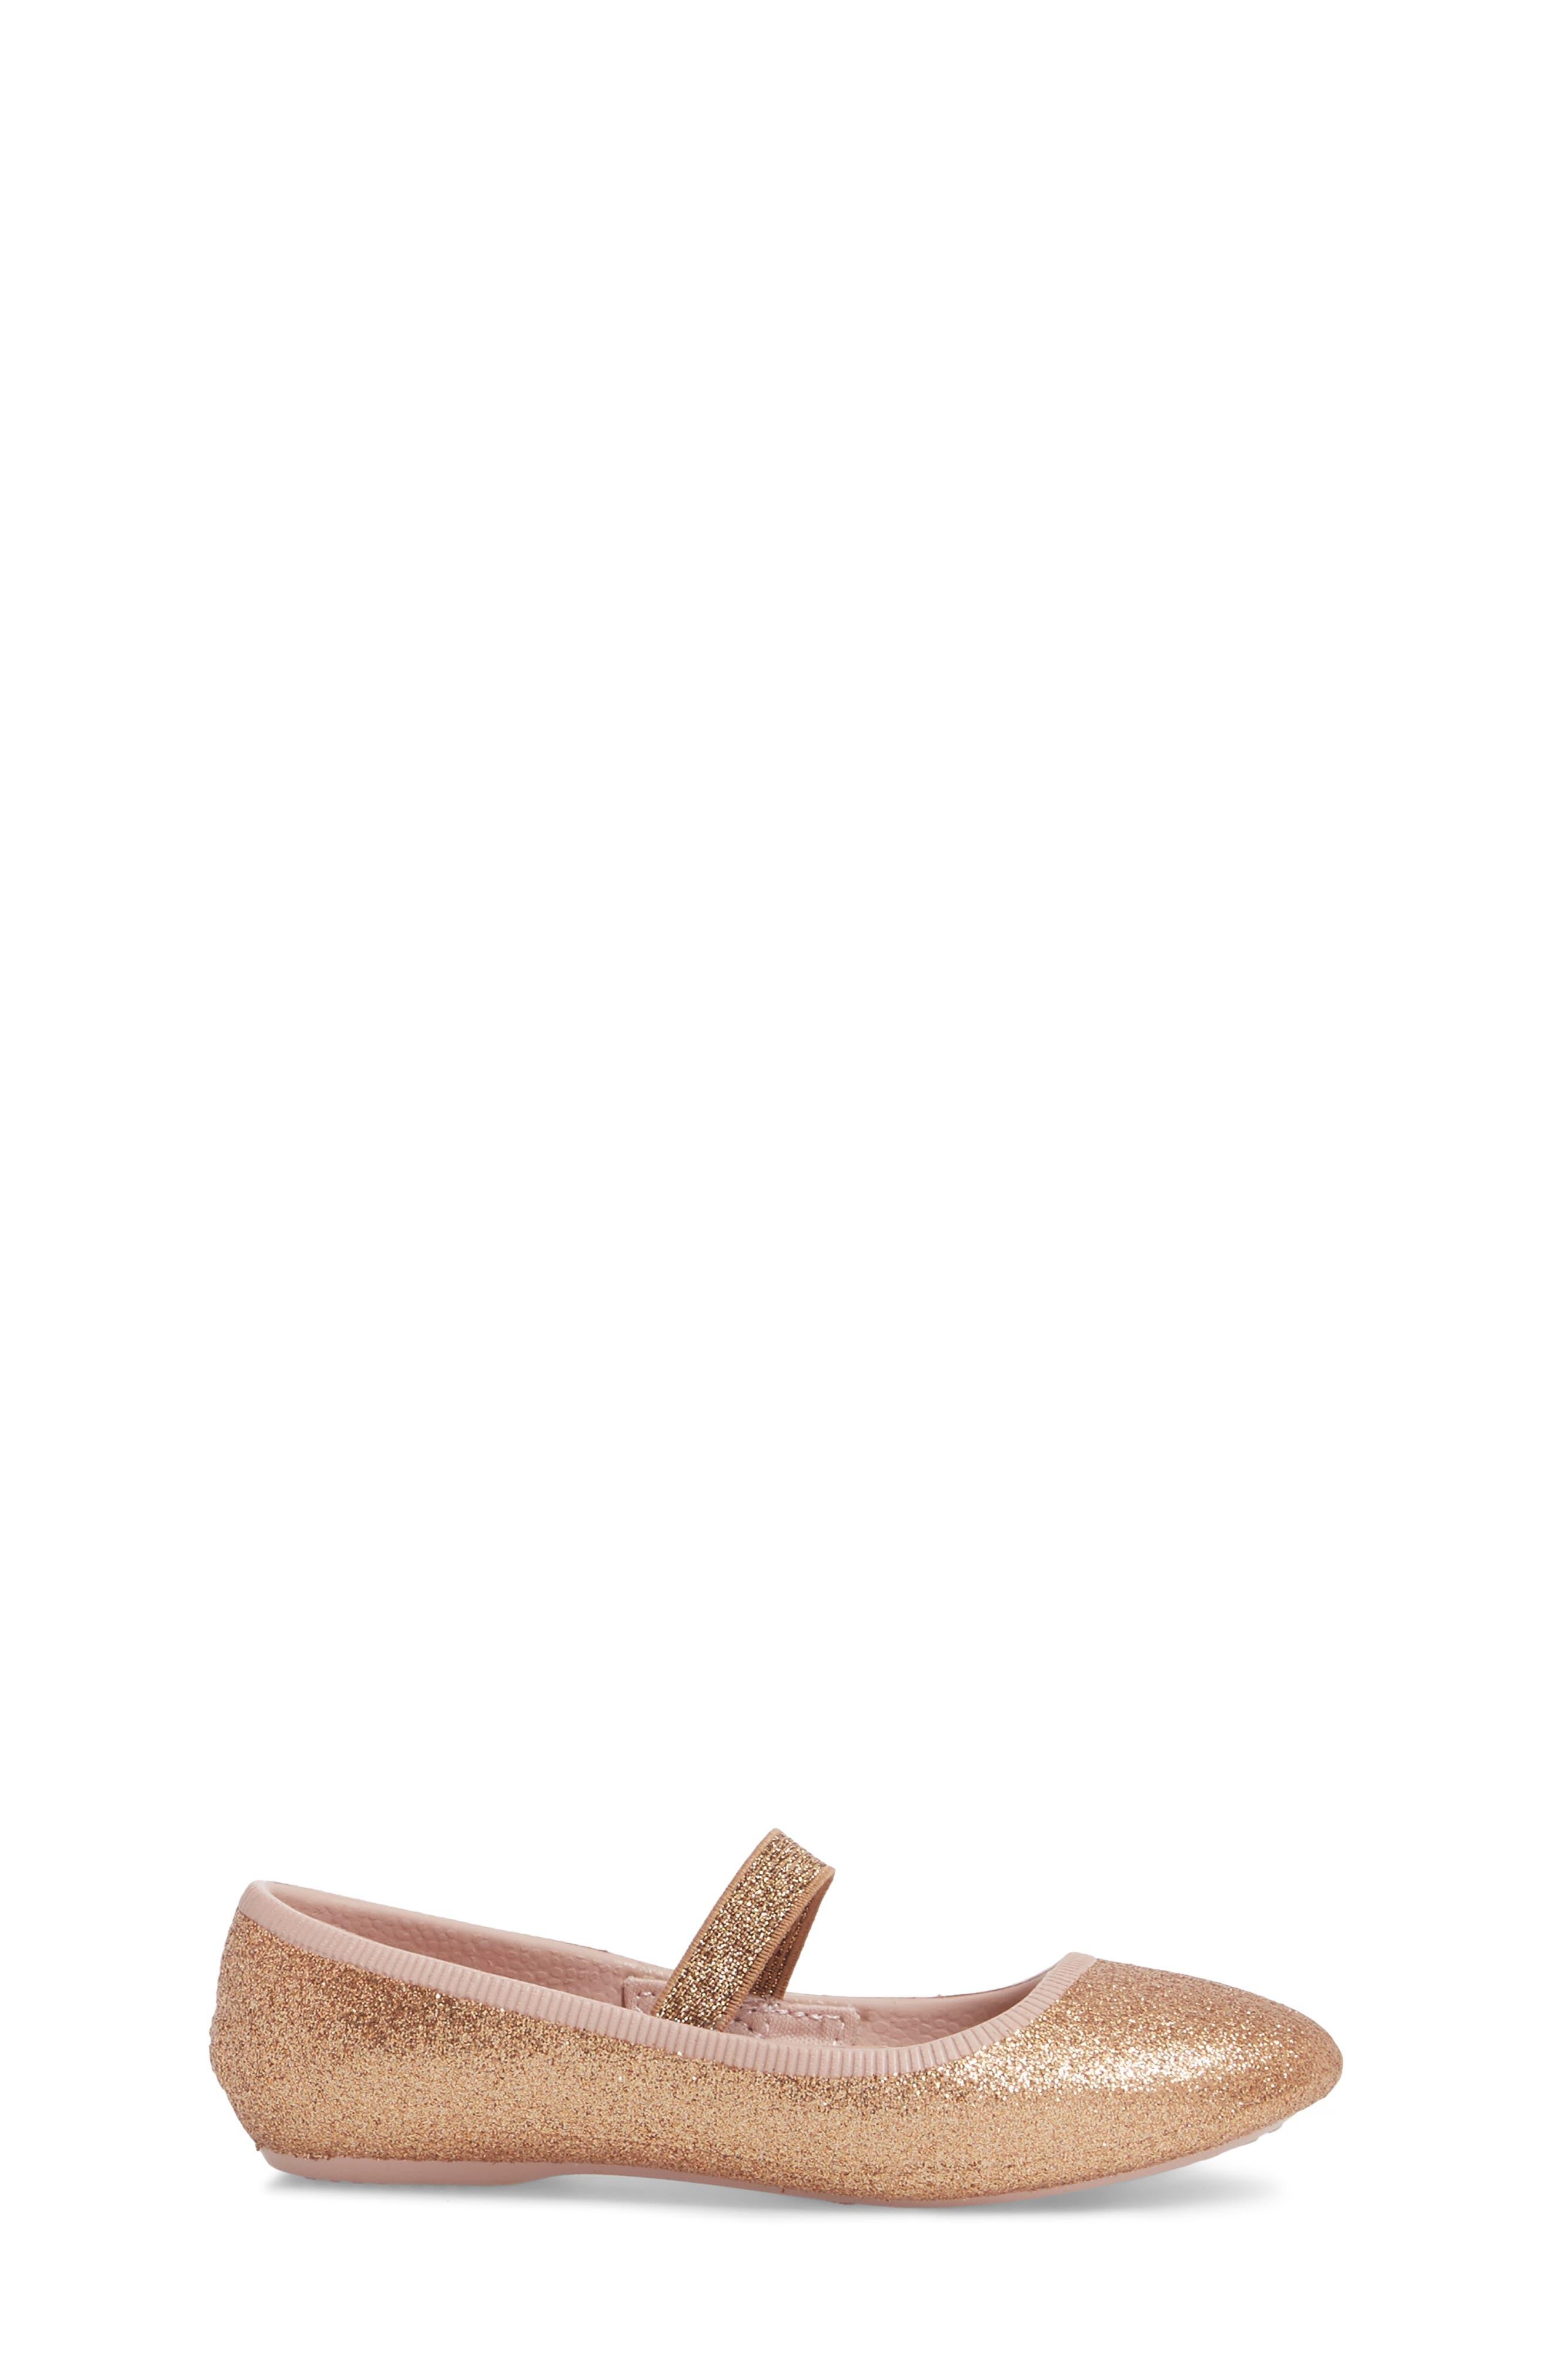 NATIVE SHOES, Margot Bling Glitter Vegan Mary Jane, Alternate thumbnail 3, color, ROSE GOLD BLING